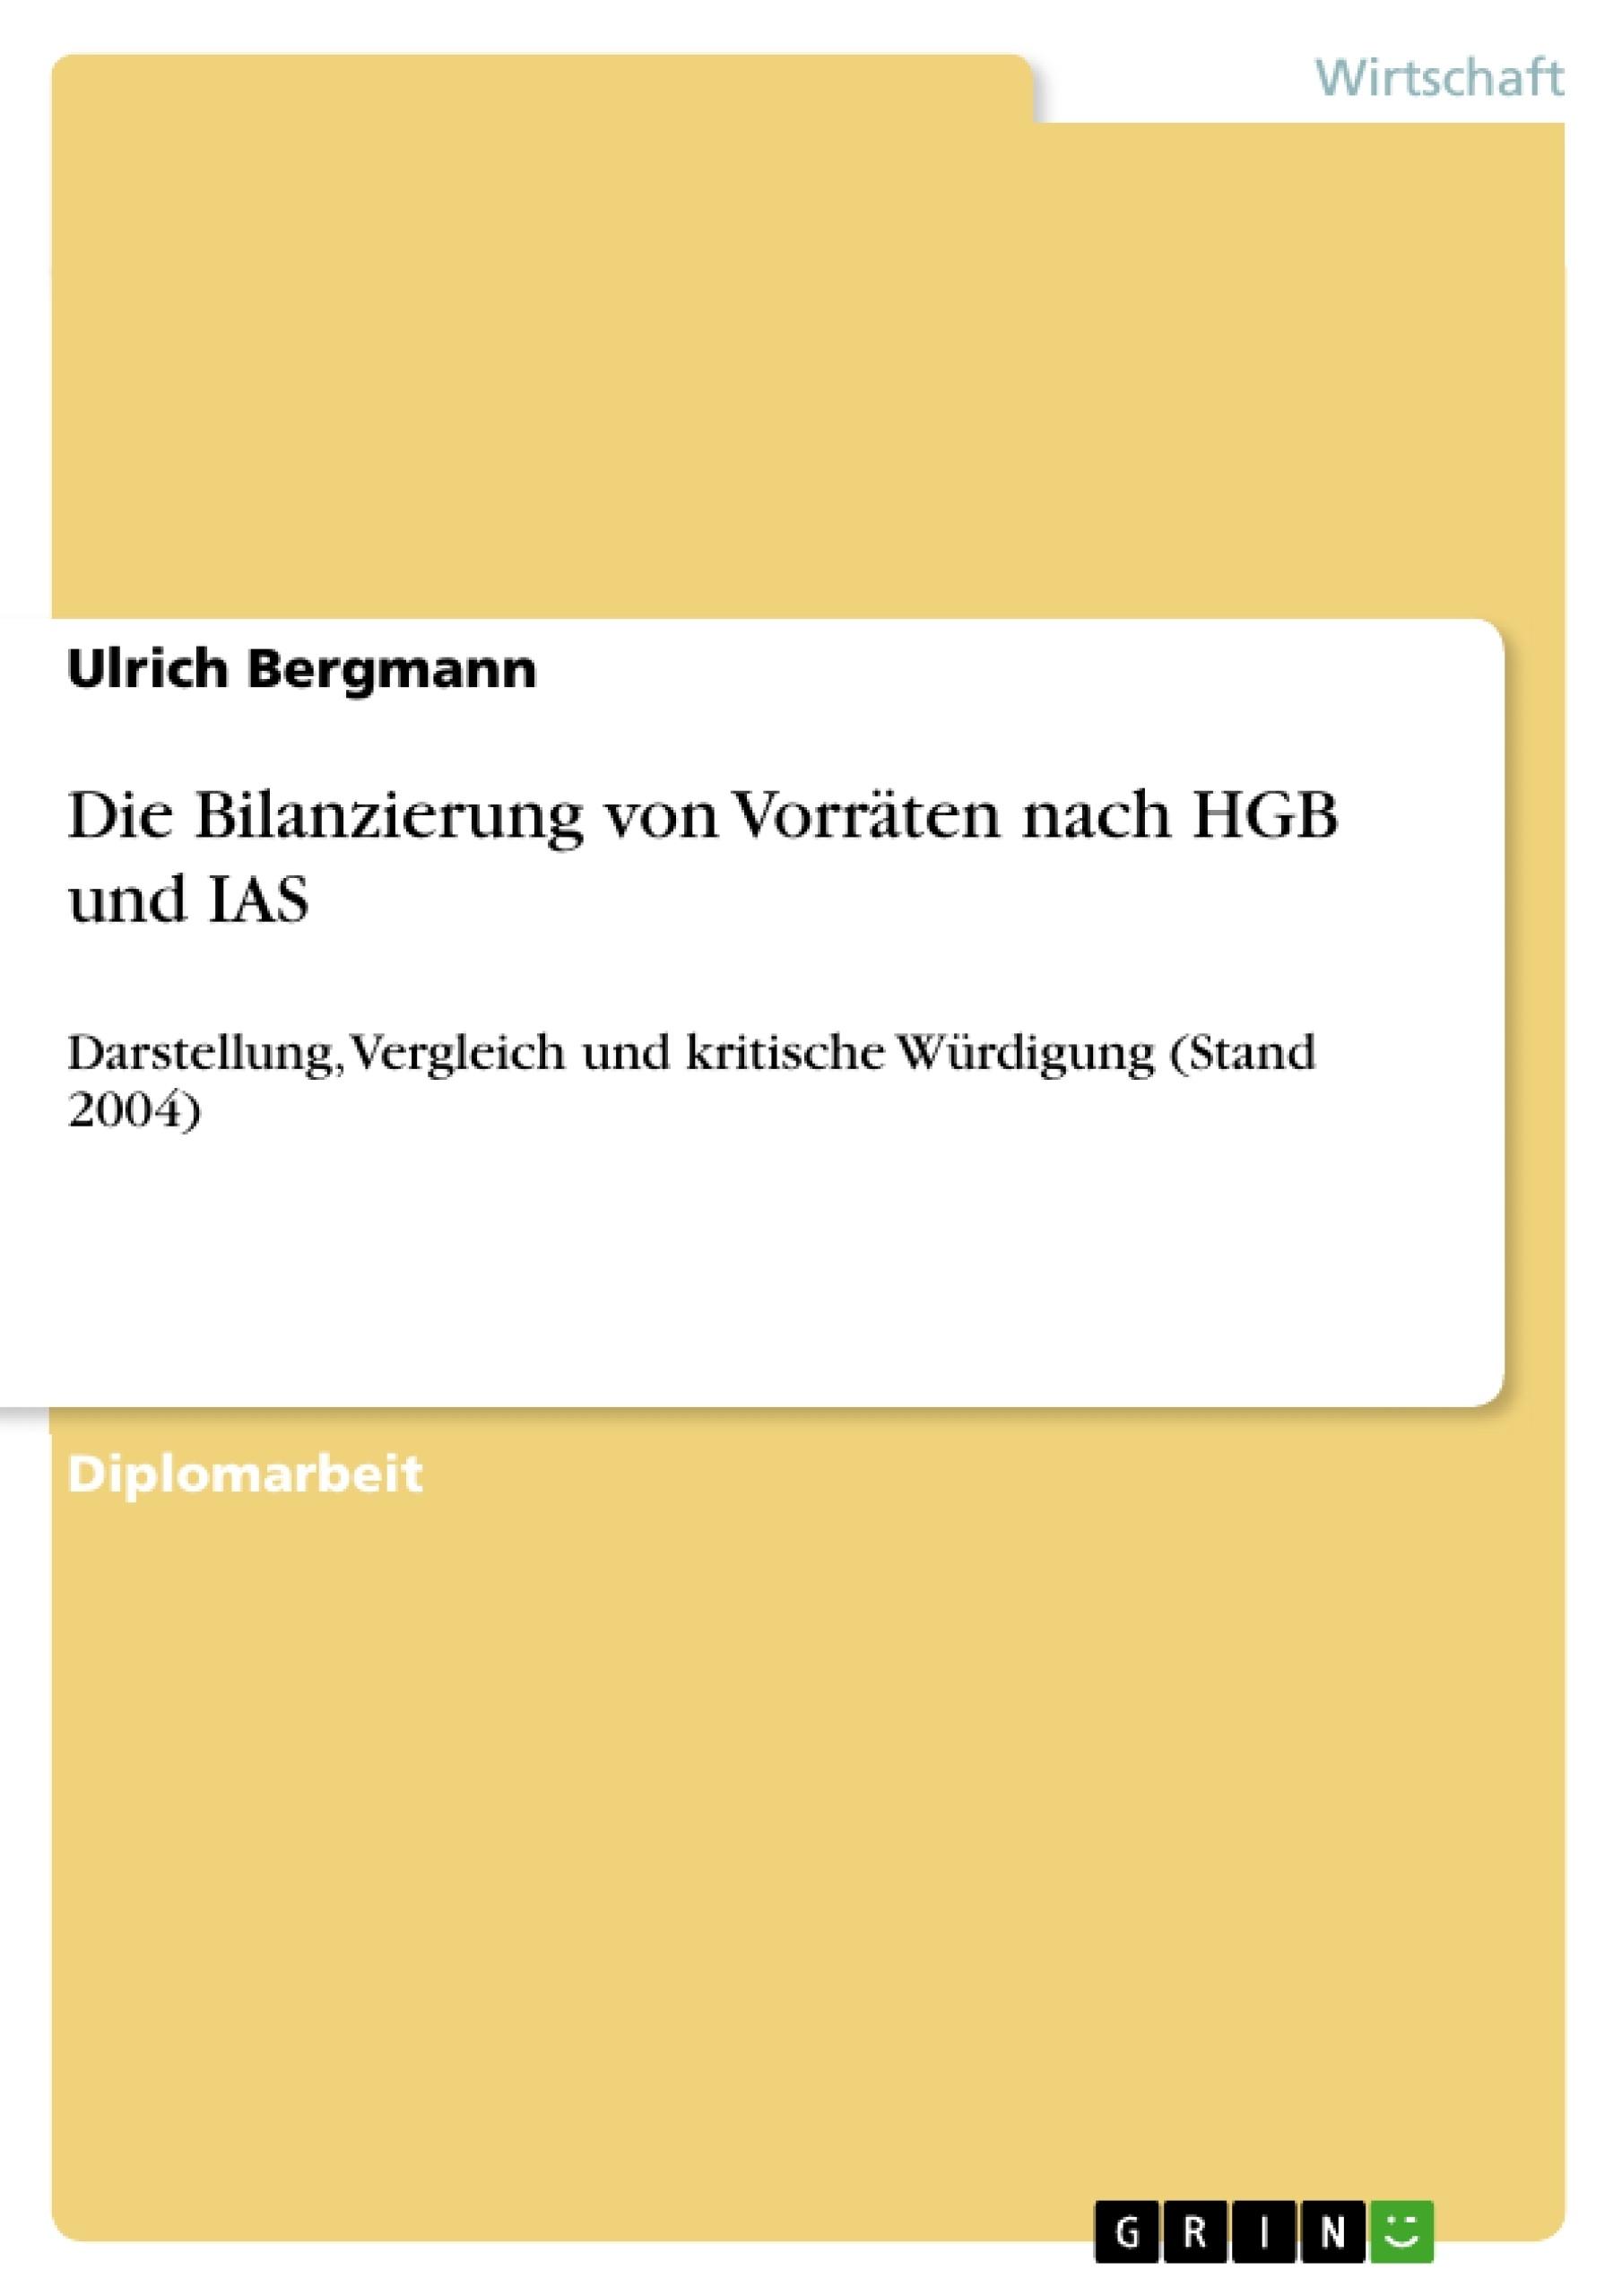 Titel: Die Bilanzierung von Vorräten nach HGB und IAS